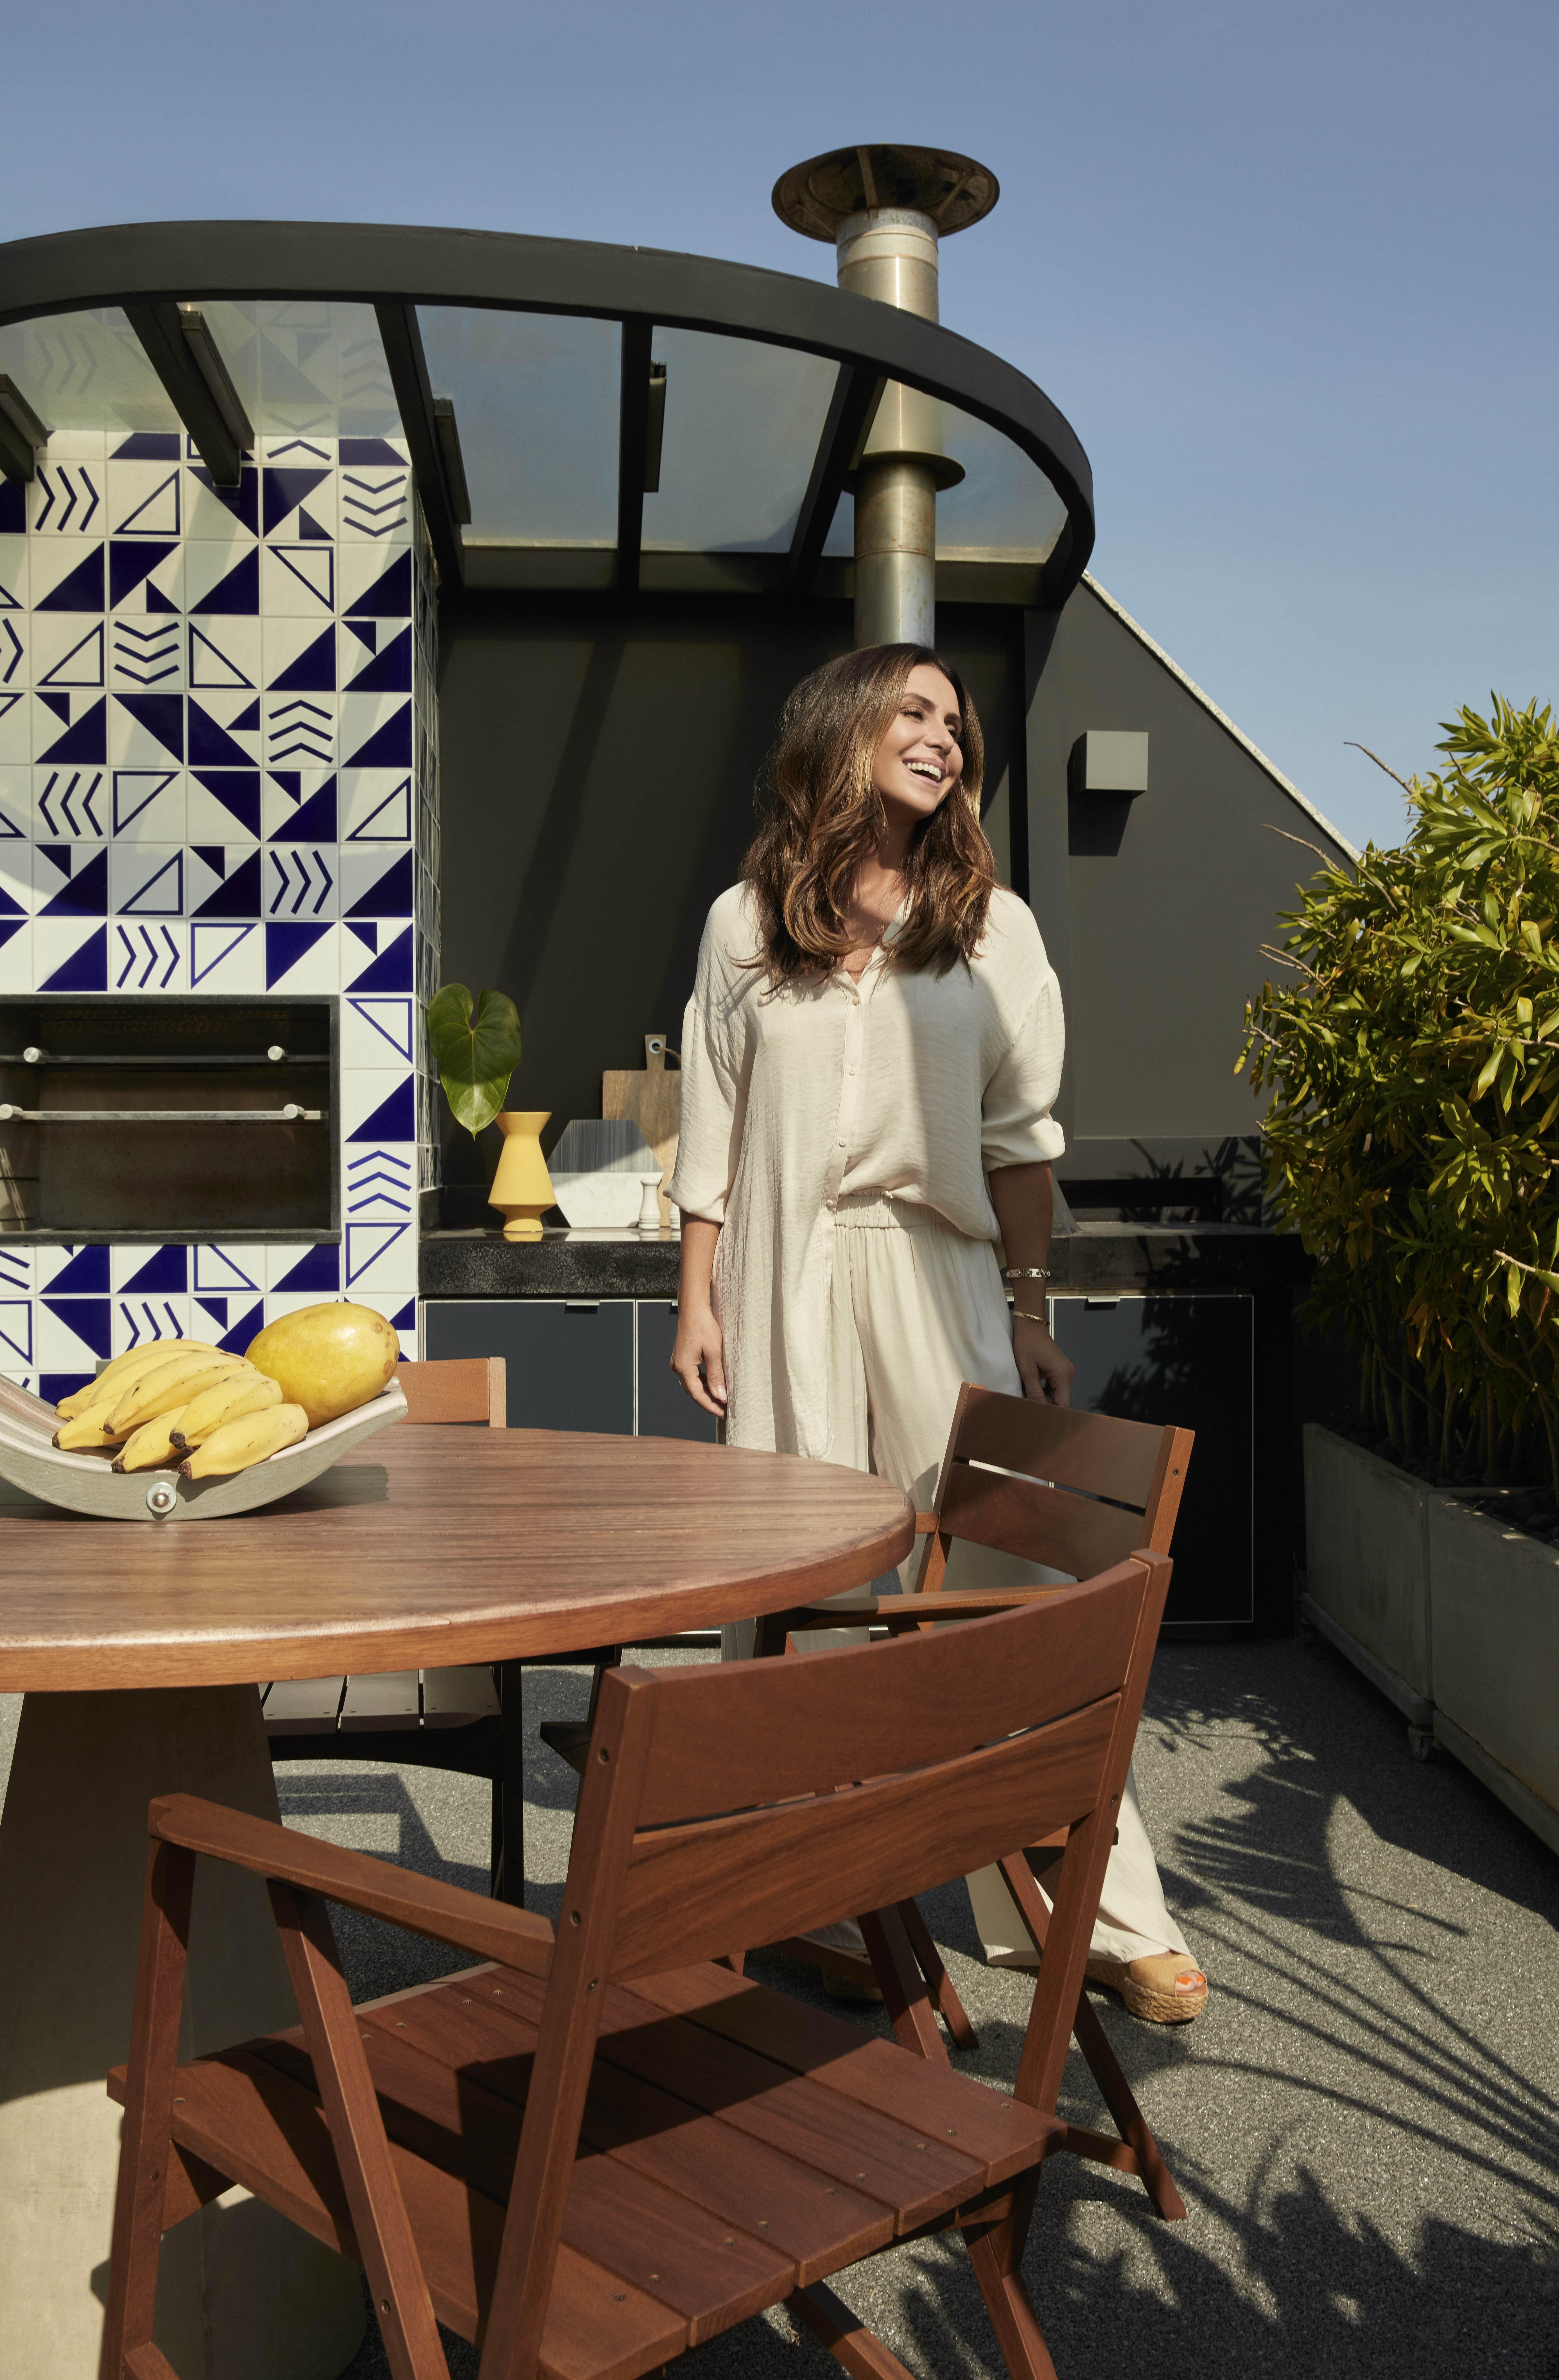 A atriz na churrasqueira revestida de azulejos da Lurca.